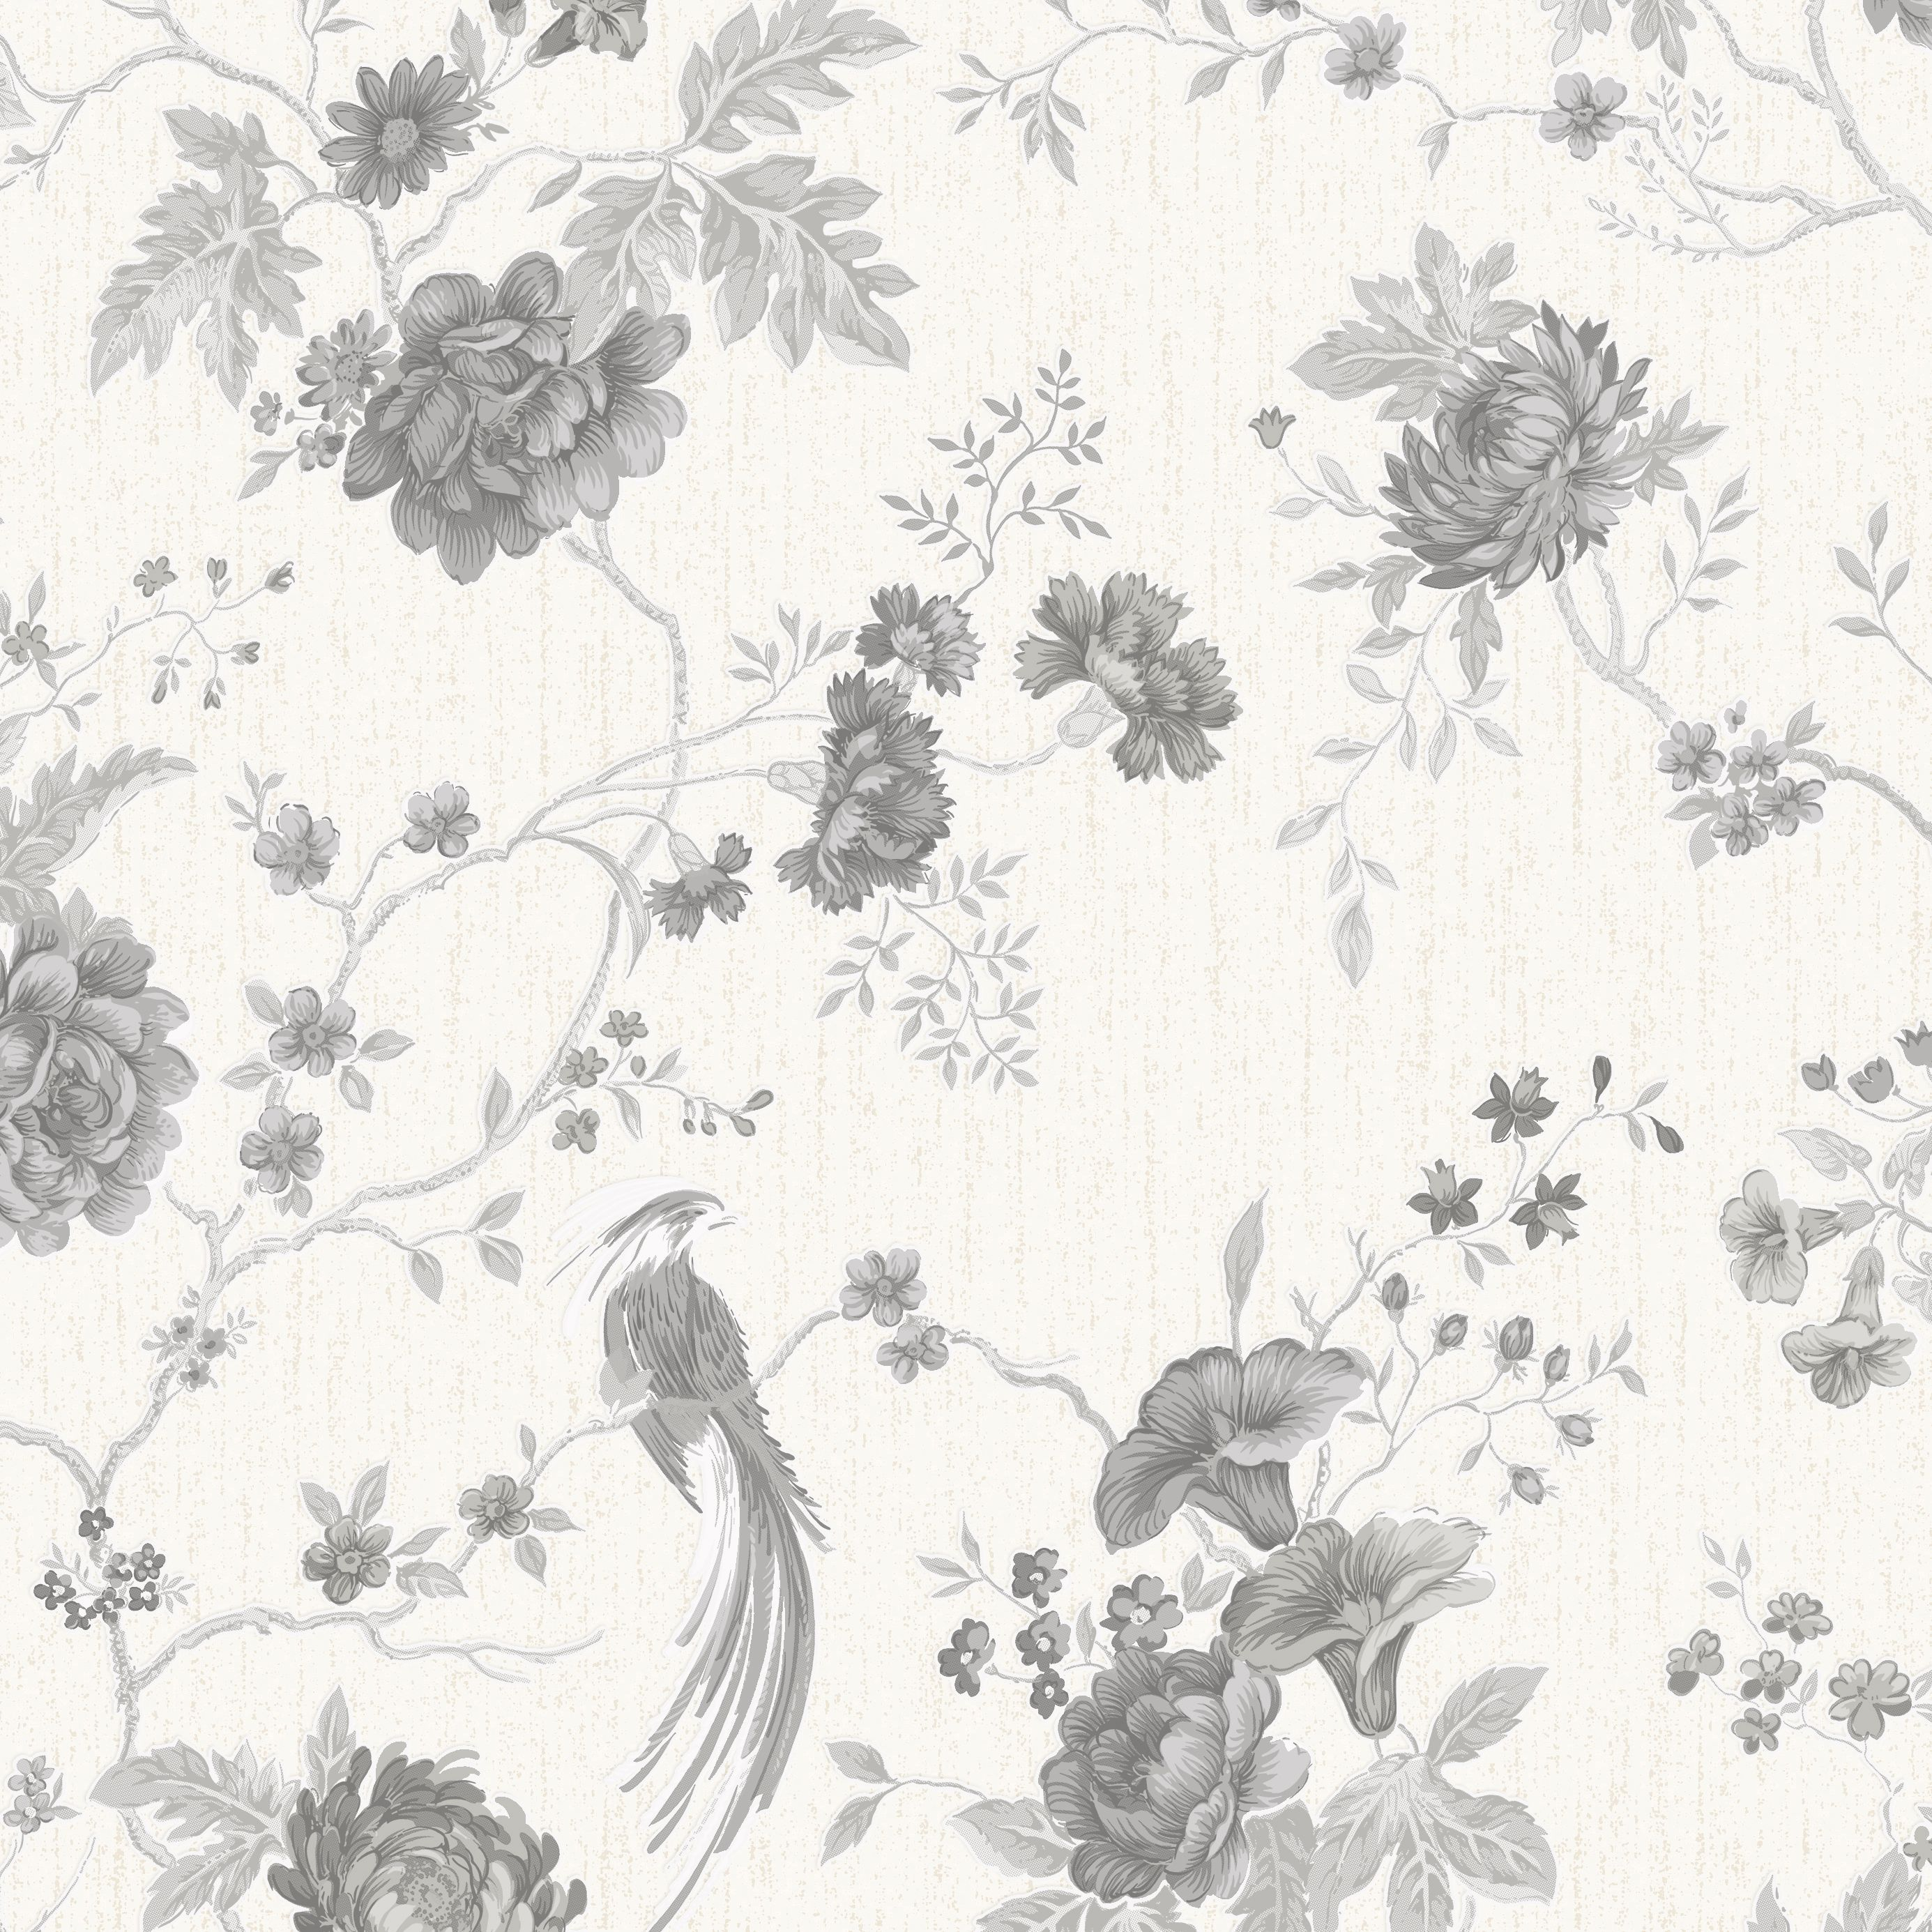 Exotica+White+&+Silver+Floral+&+Birds+Vinyl+Wallpaper+